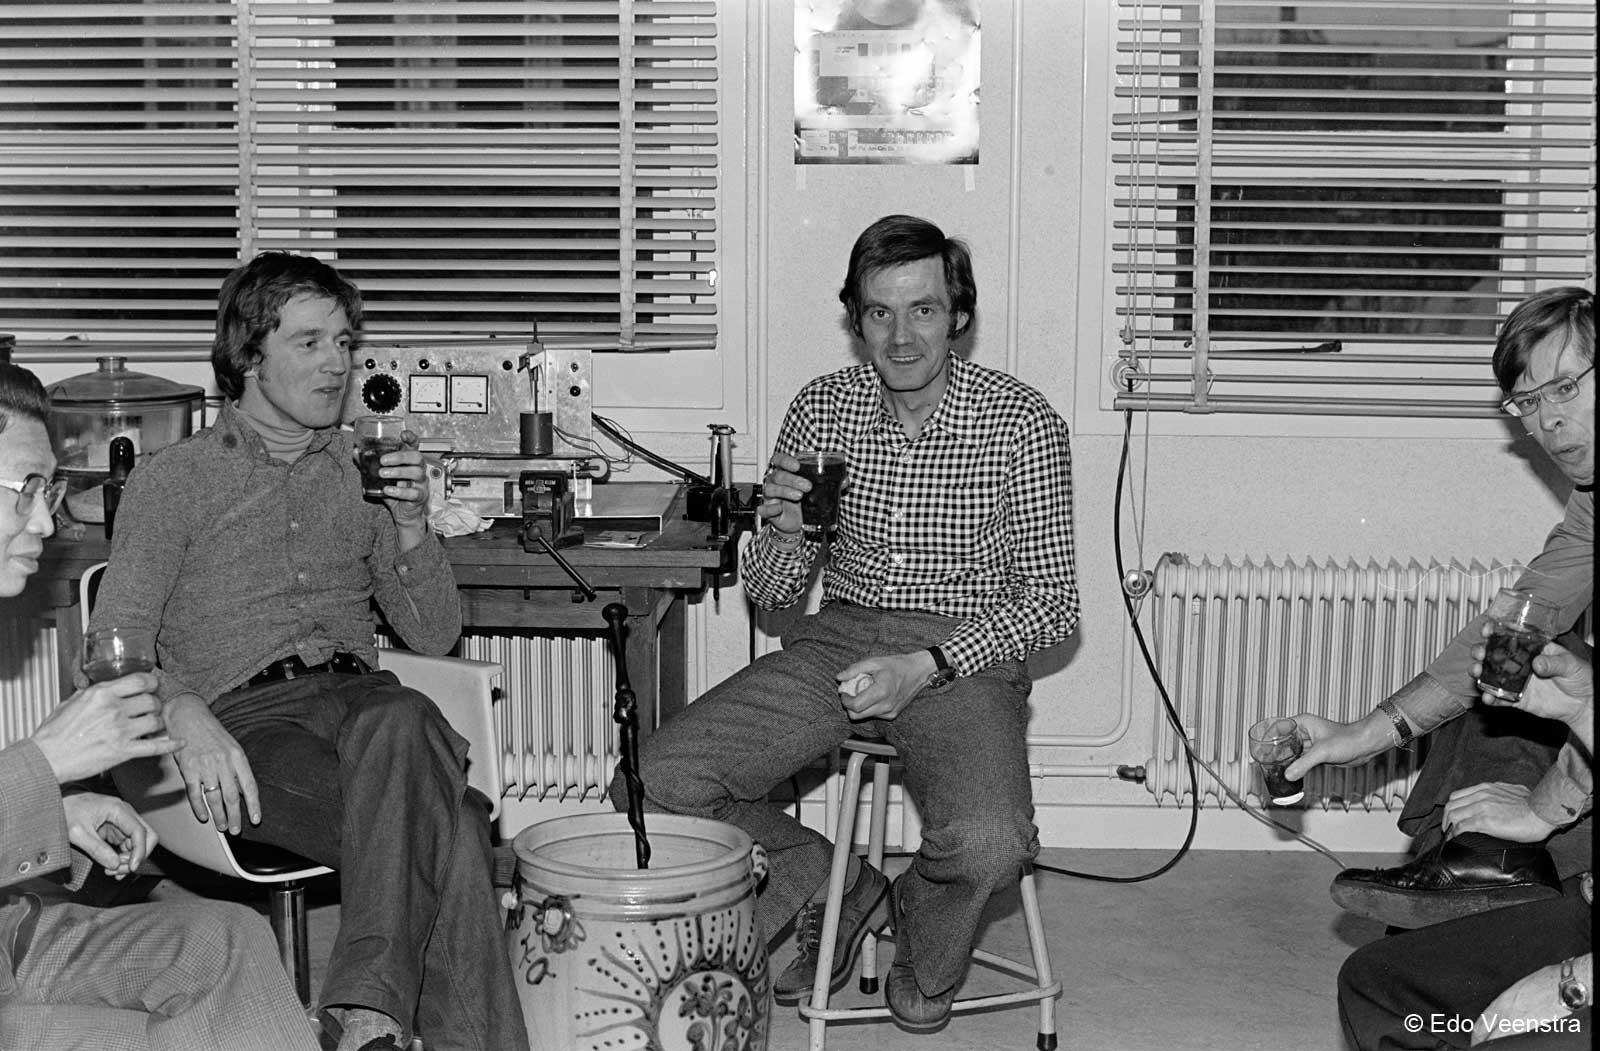 Oen Ing Soen, Piet Kager en Bob Stokvis